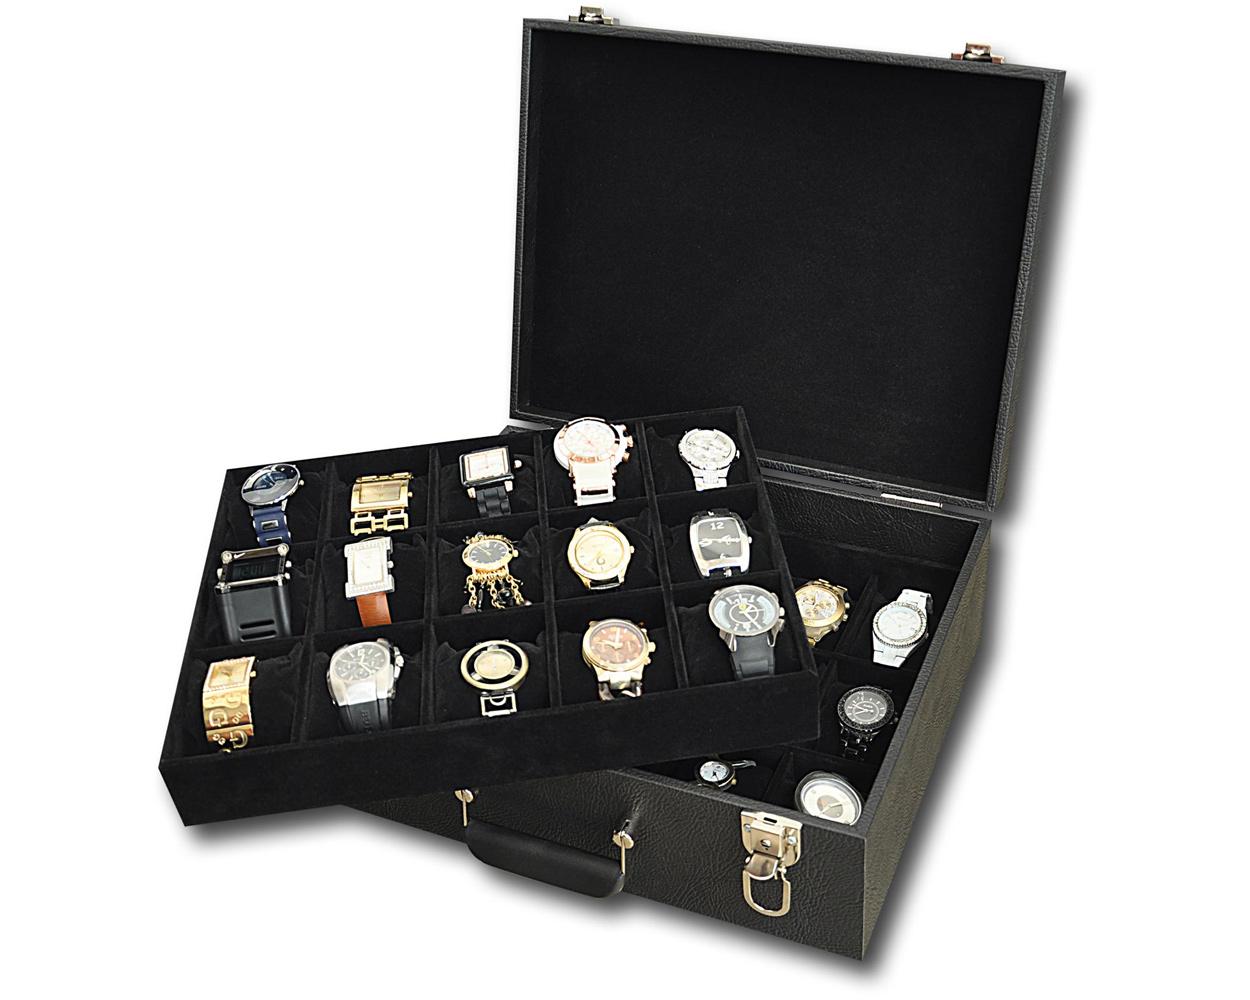 b68674a96 Caixa para 8 relógios com expositor no Elo7 | Estojoias - Embalagens para  Joias (4E8F1B)